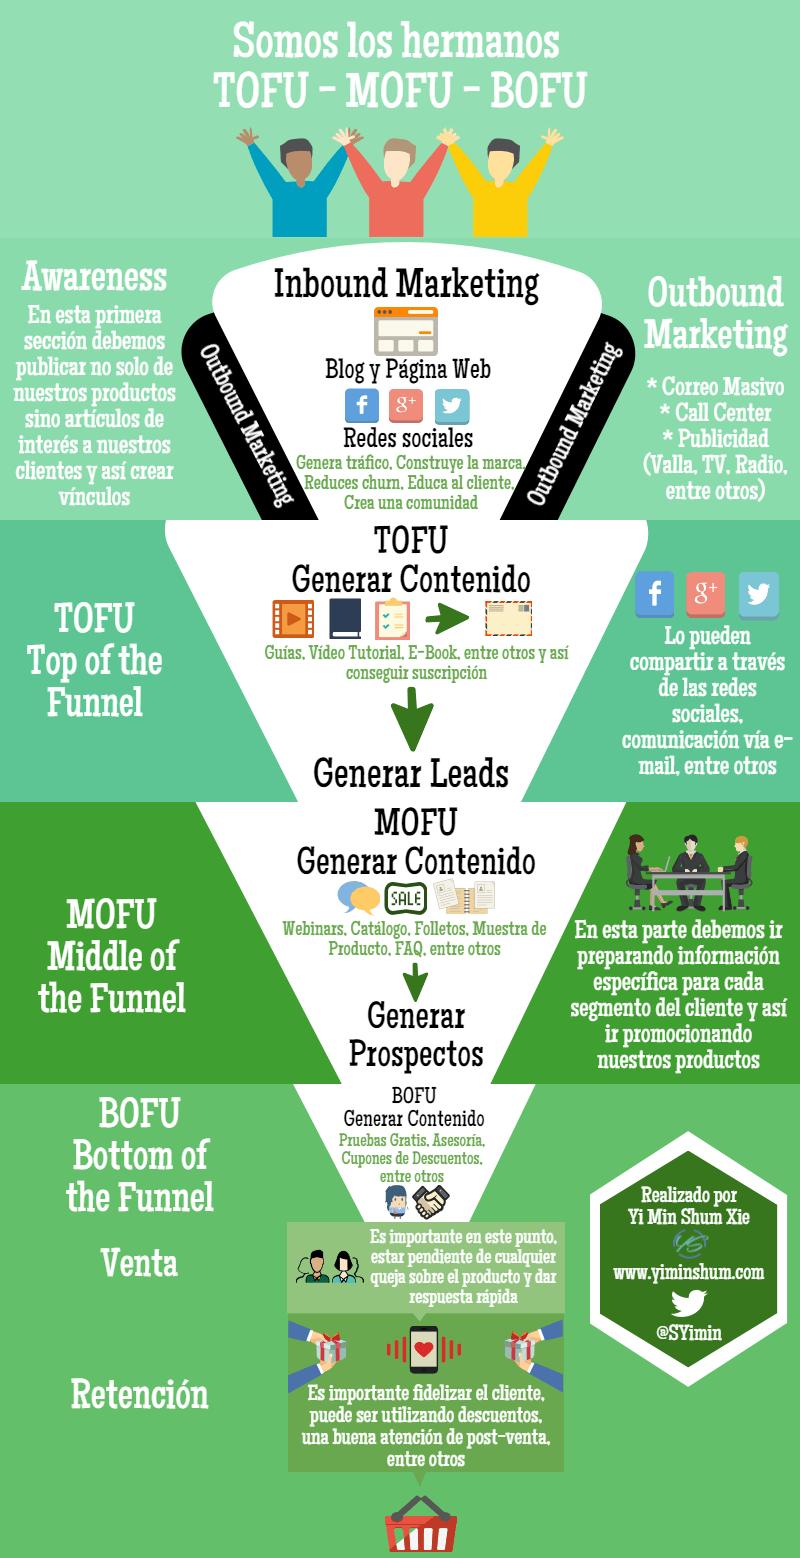 tofu - mofu - bofu infografía